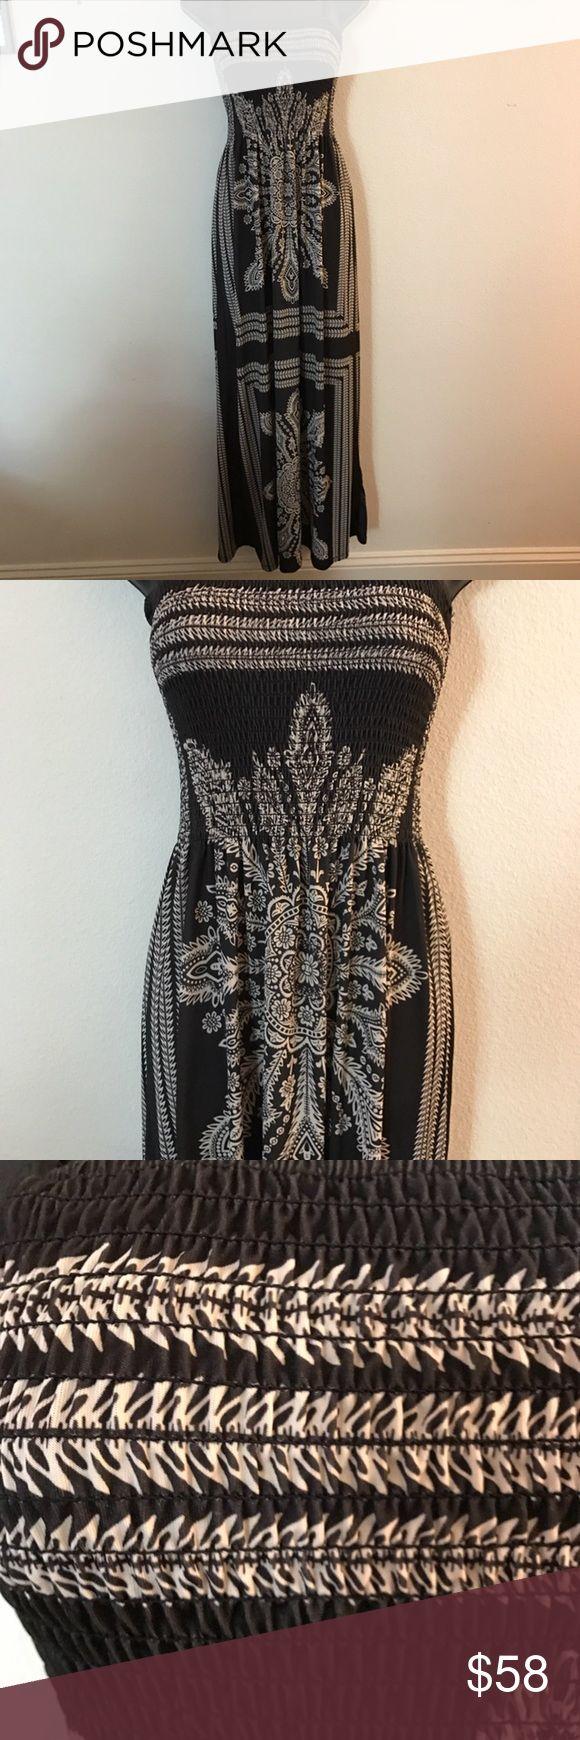 Tube top extra long maxi dress Tube top extra long maxi dress Dresses Maxi